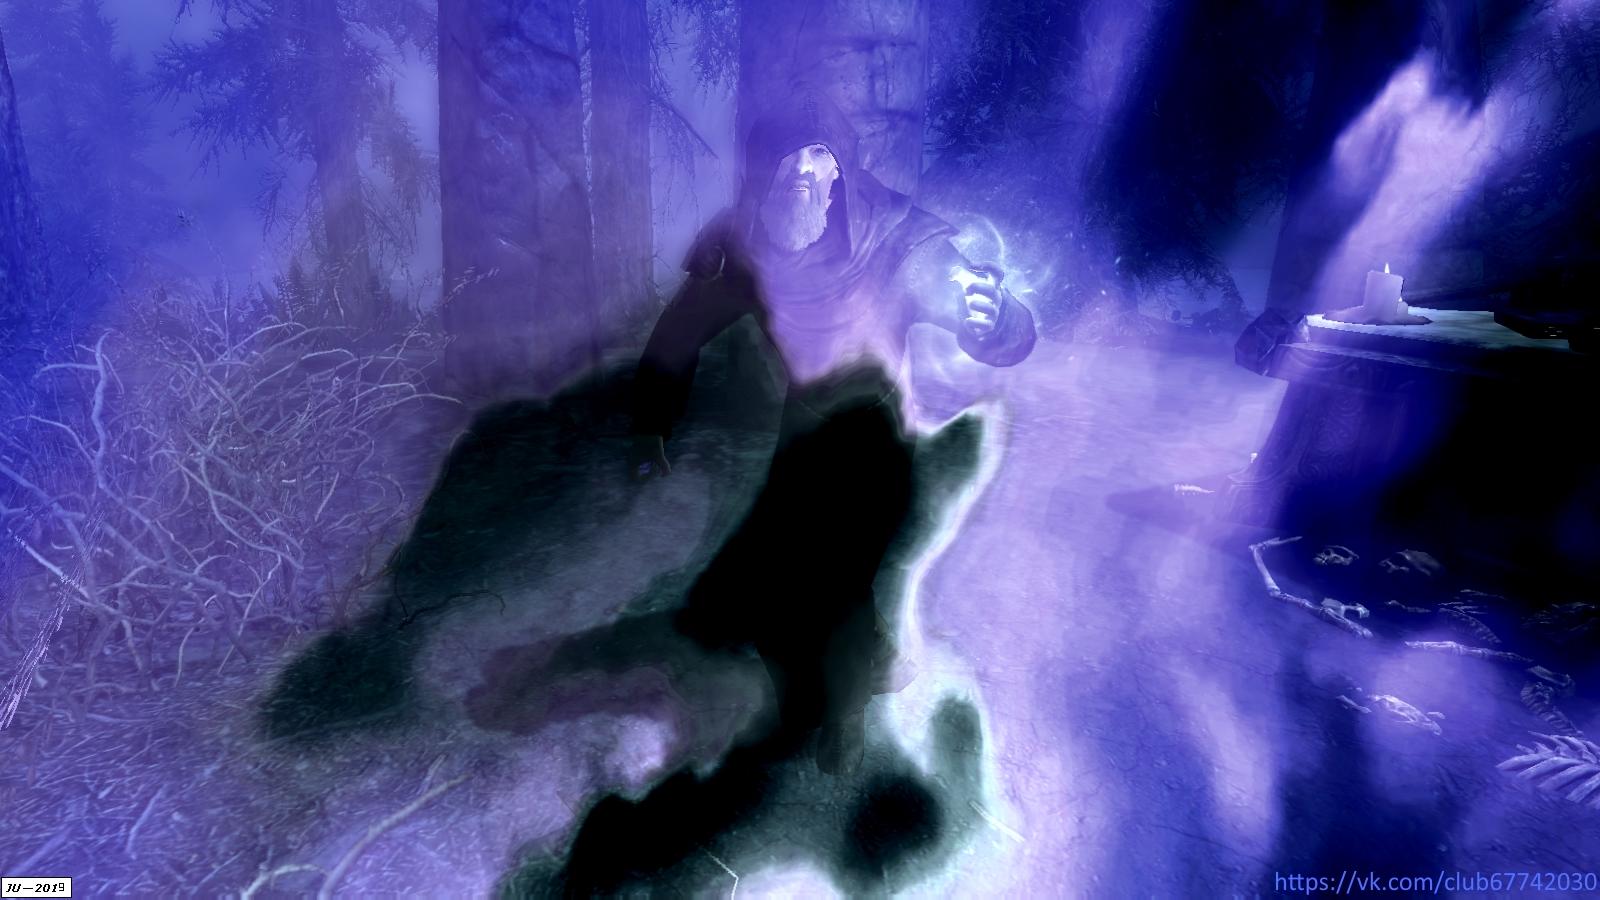 """Из серии """"Колдуны Скайрима"""". - Elder Scrolls 5: Skyrim, the"""